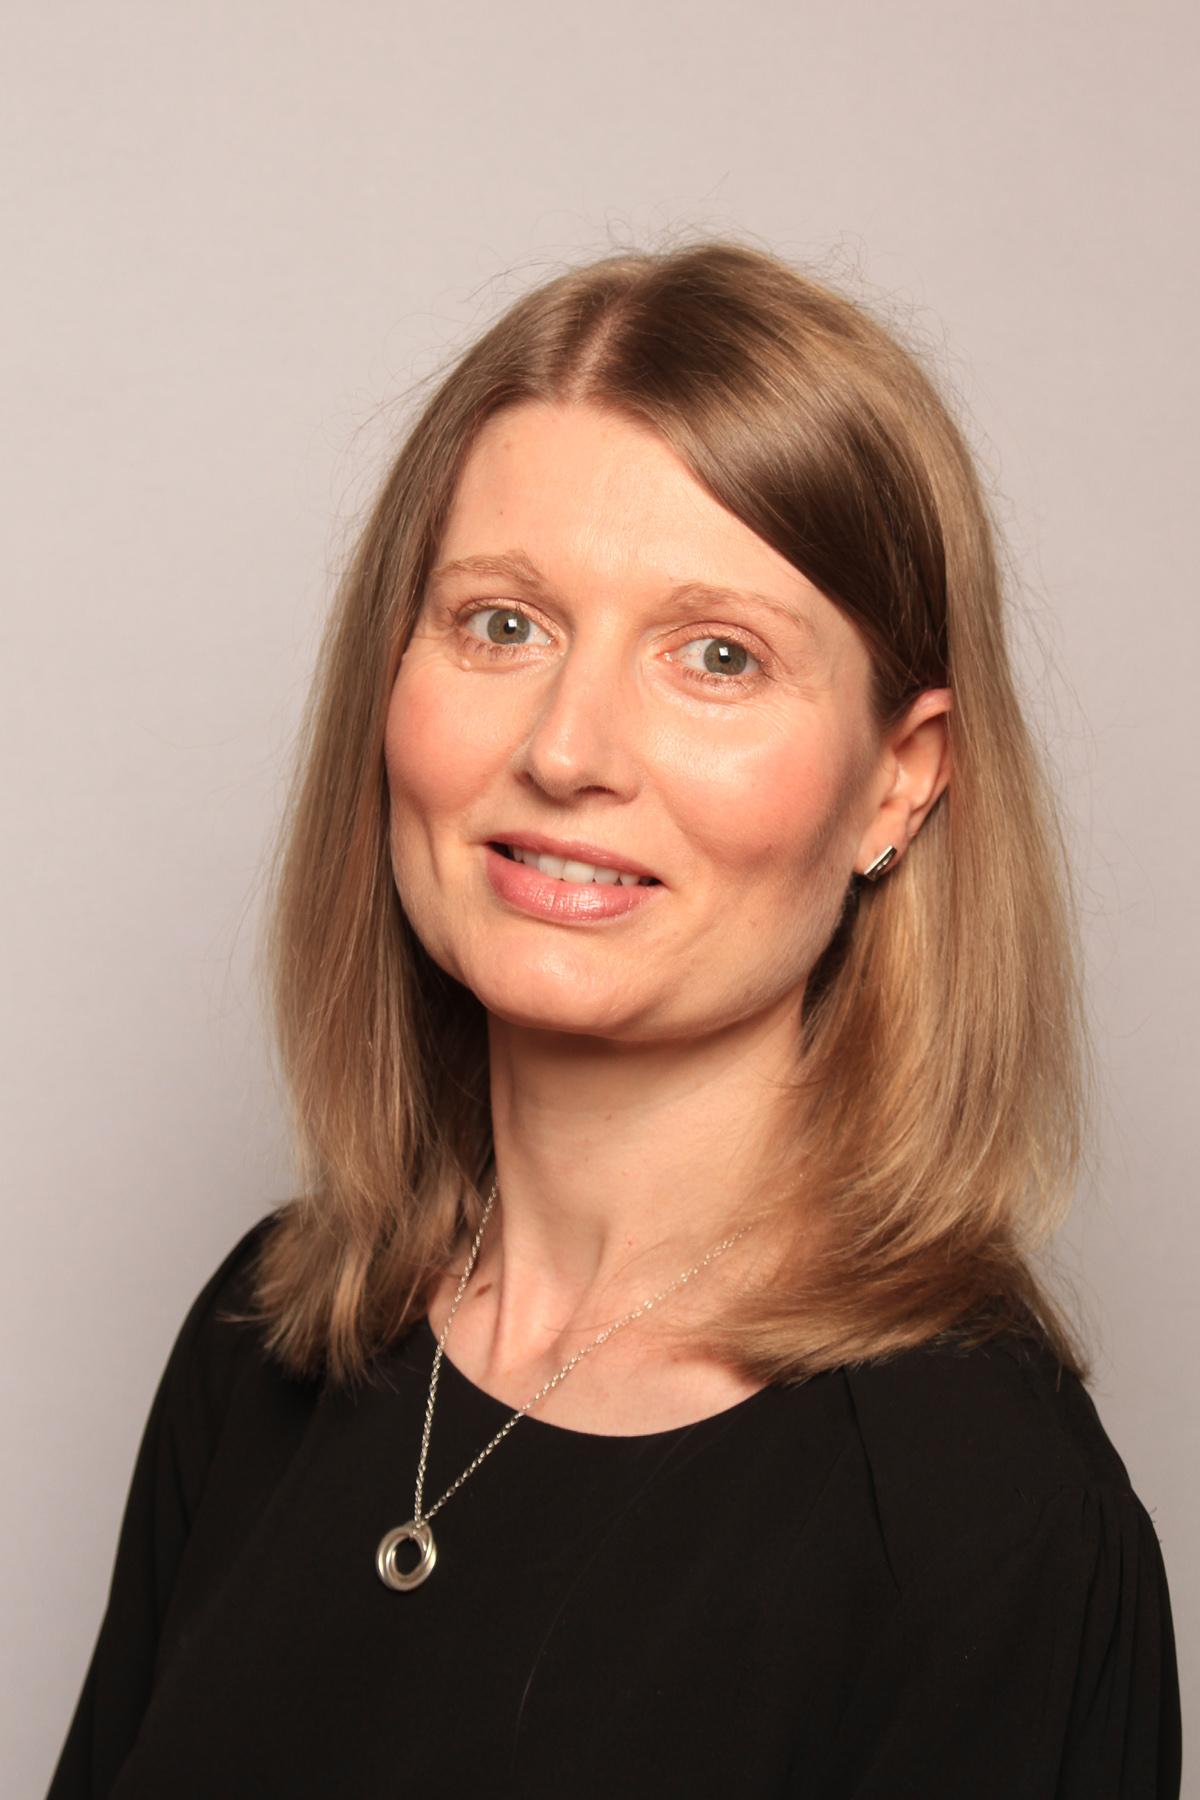 Clare Fagan